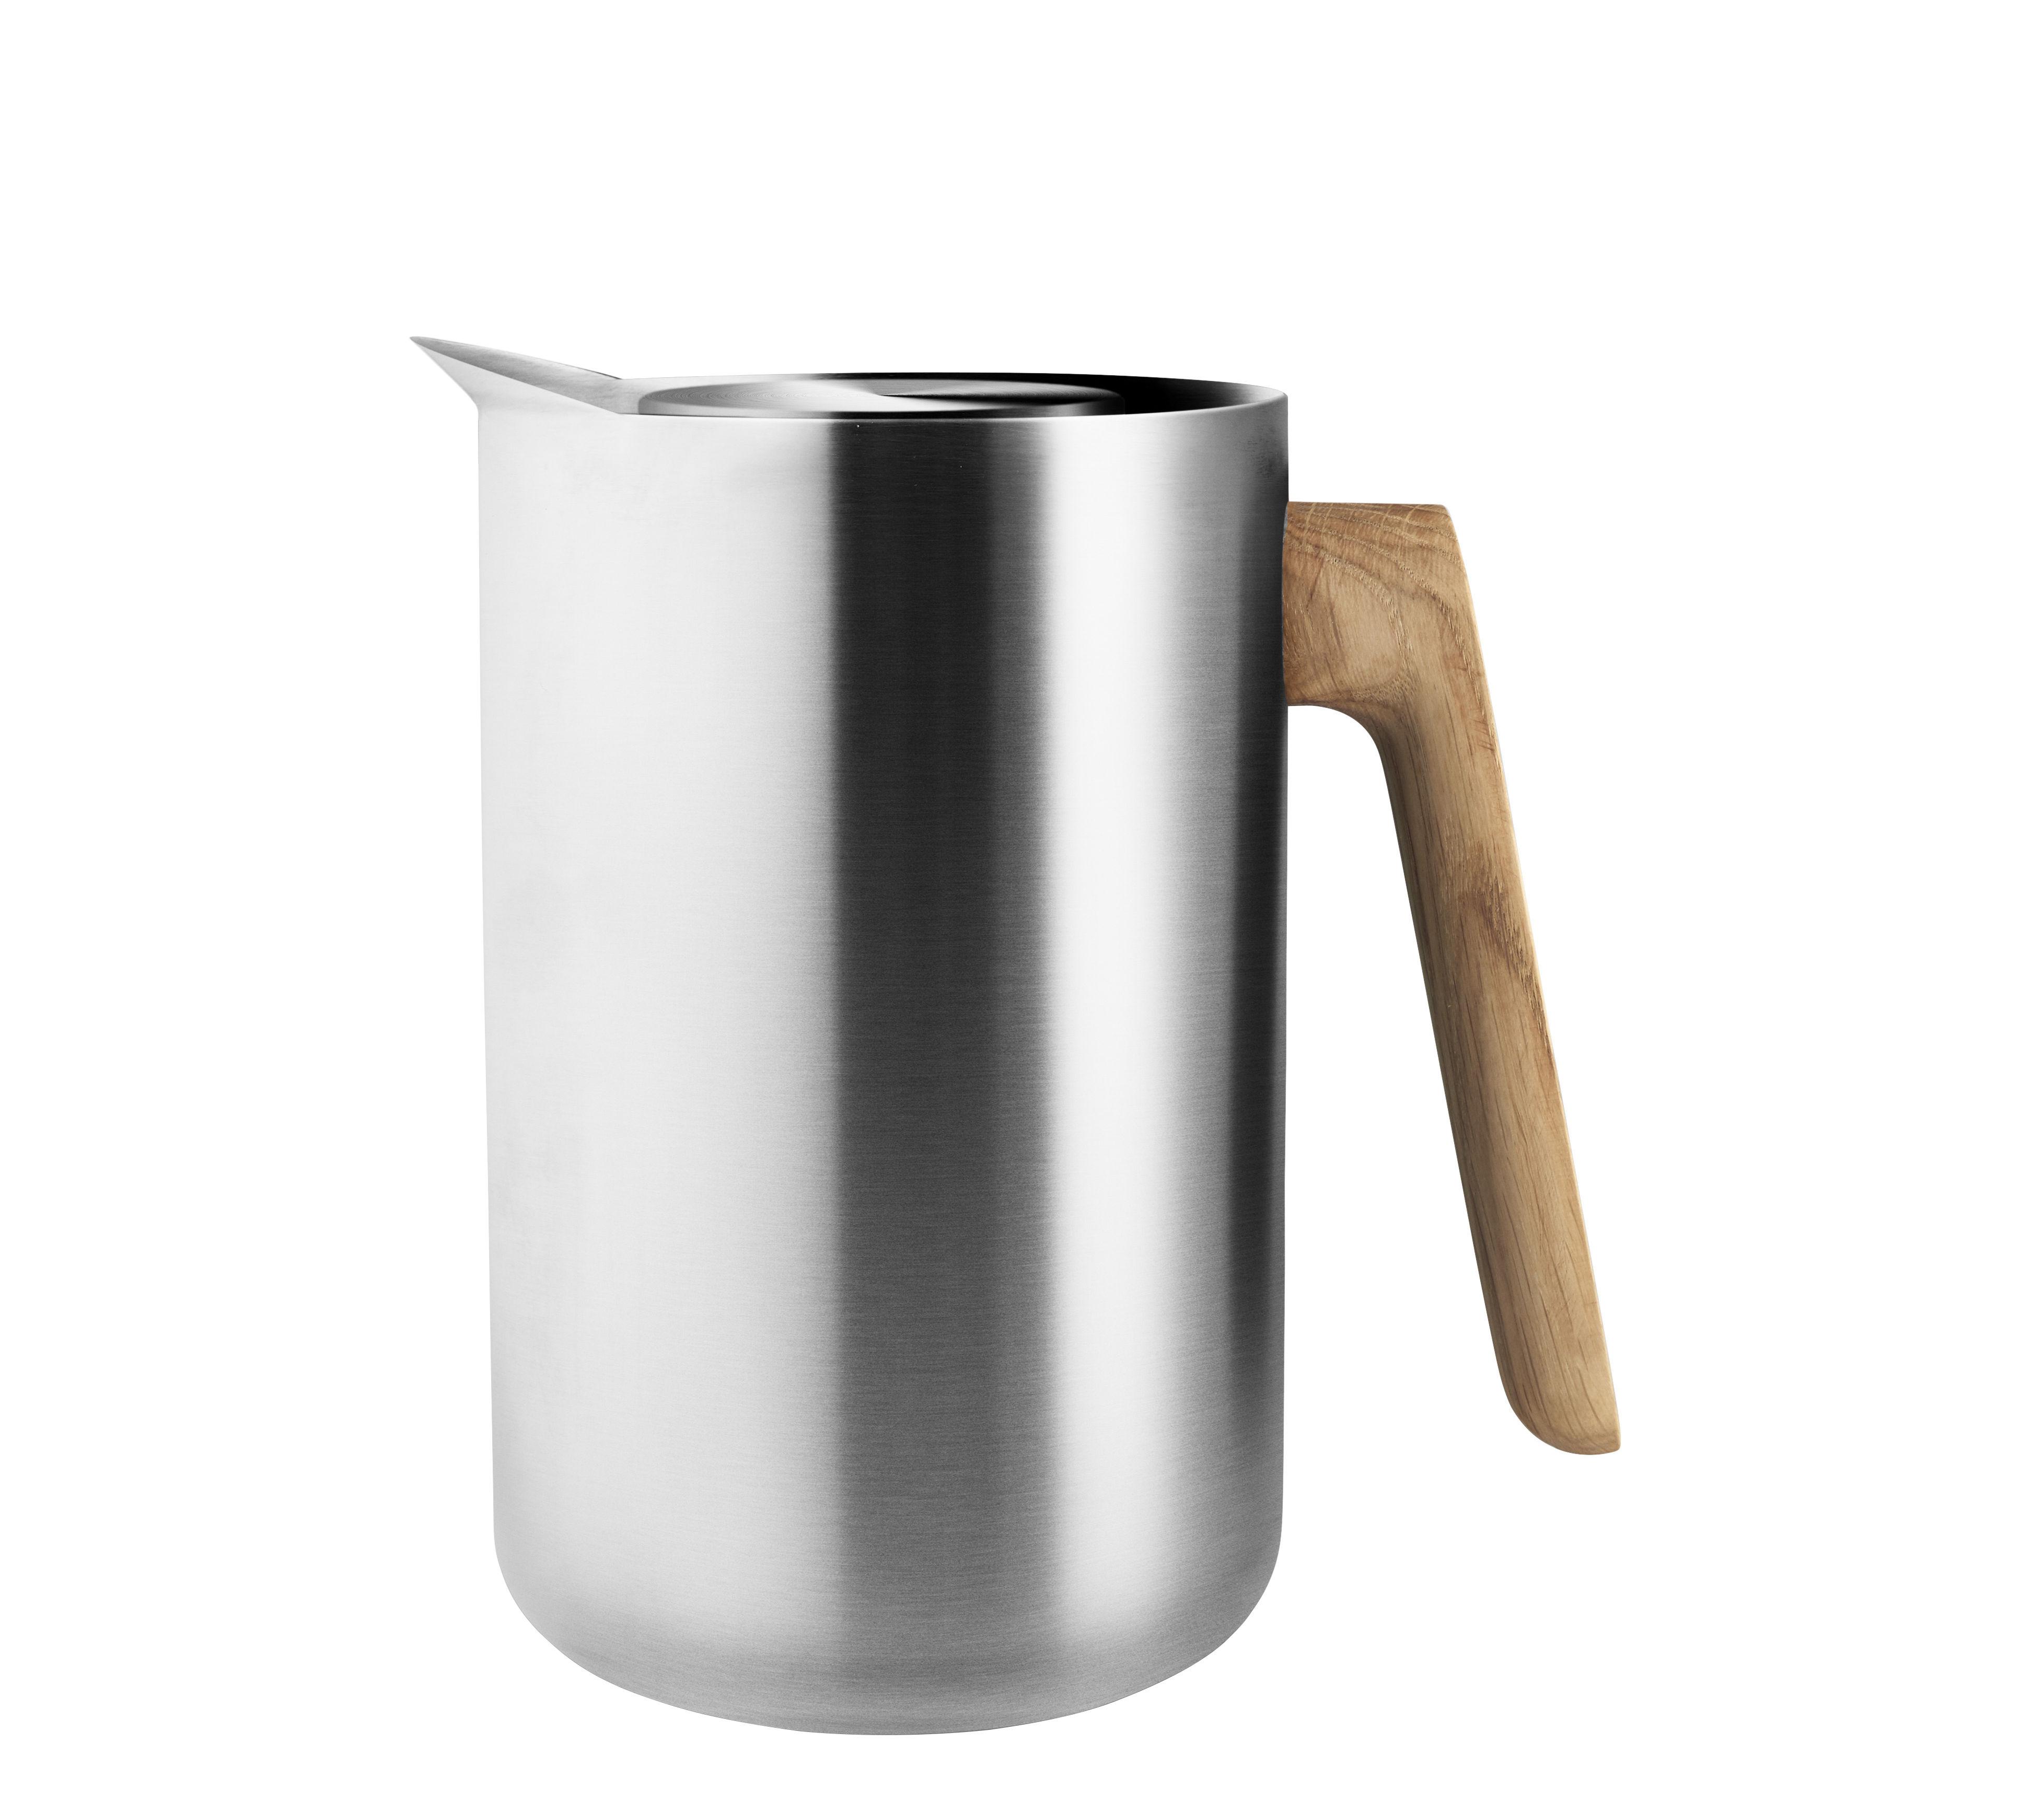 Tischkultur - Tee und Kaffee - Nordic Kitchen Isolierkrug / 1 l - Stahl & Eiche - Eva Solo - Edelstahl / Eiche - Eiche, Plastik, rostfreier Stahl